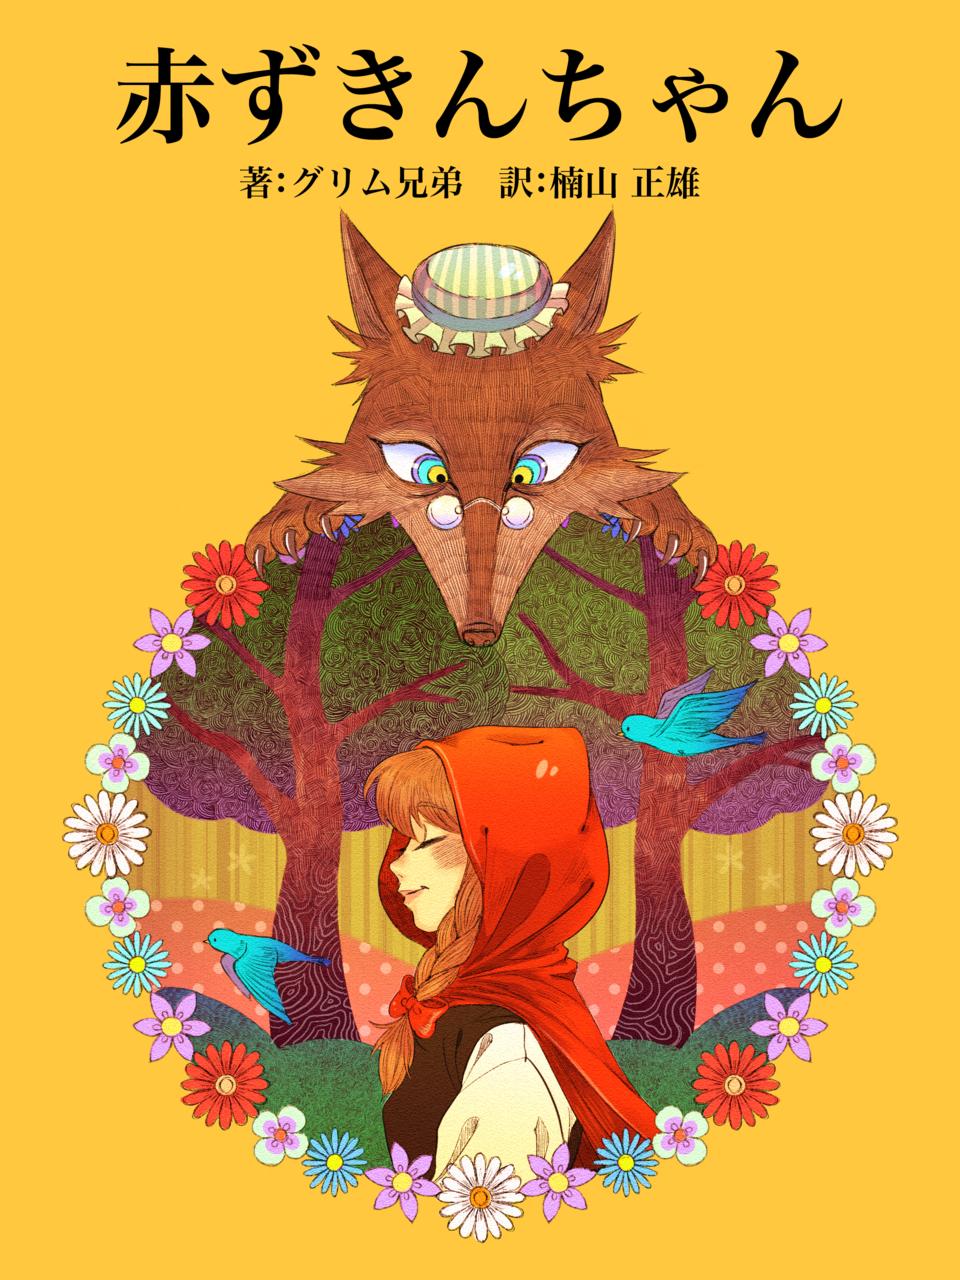 ツクコ/赤ずきんちゃん